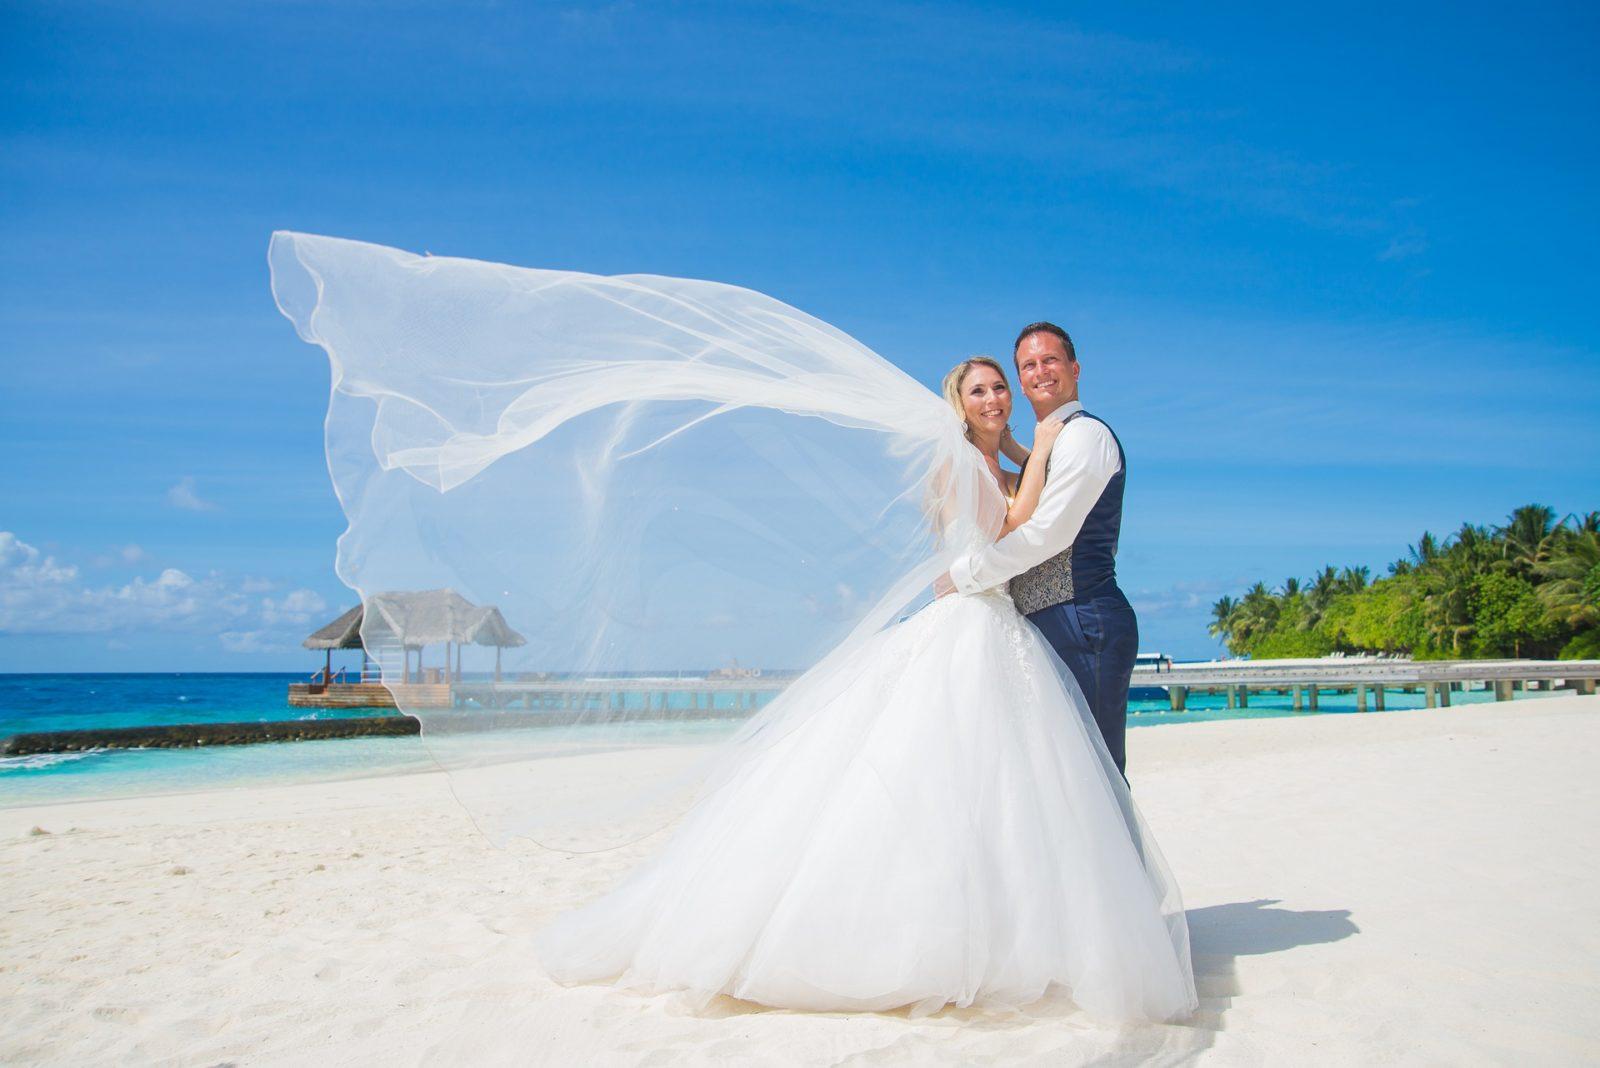 на островах, свадьба, солнце, море, невеста